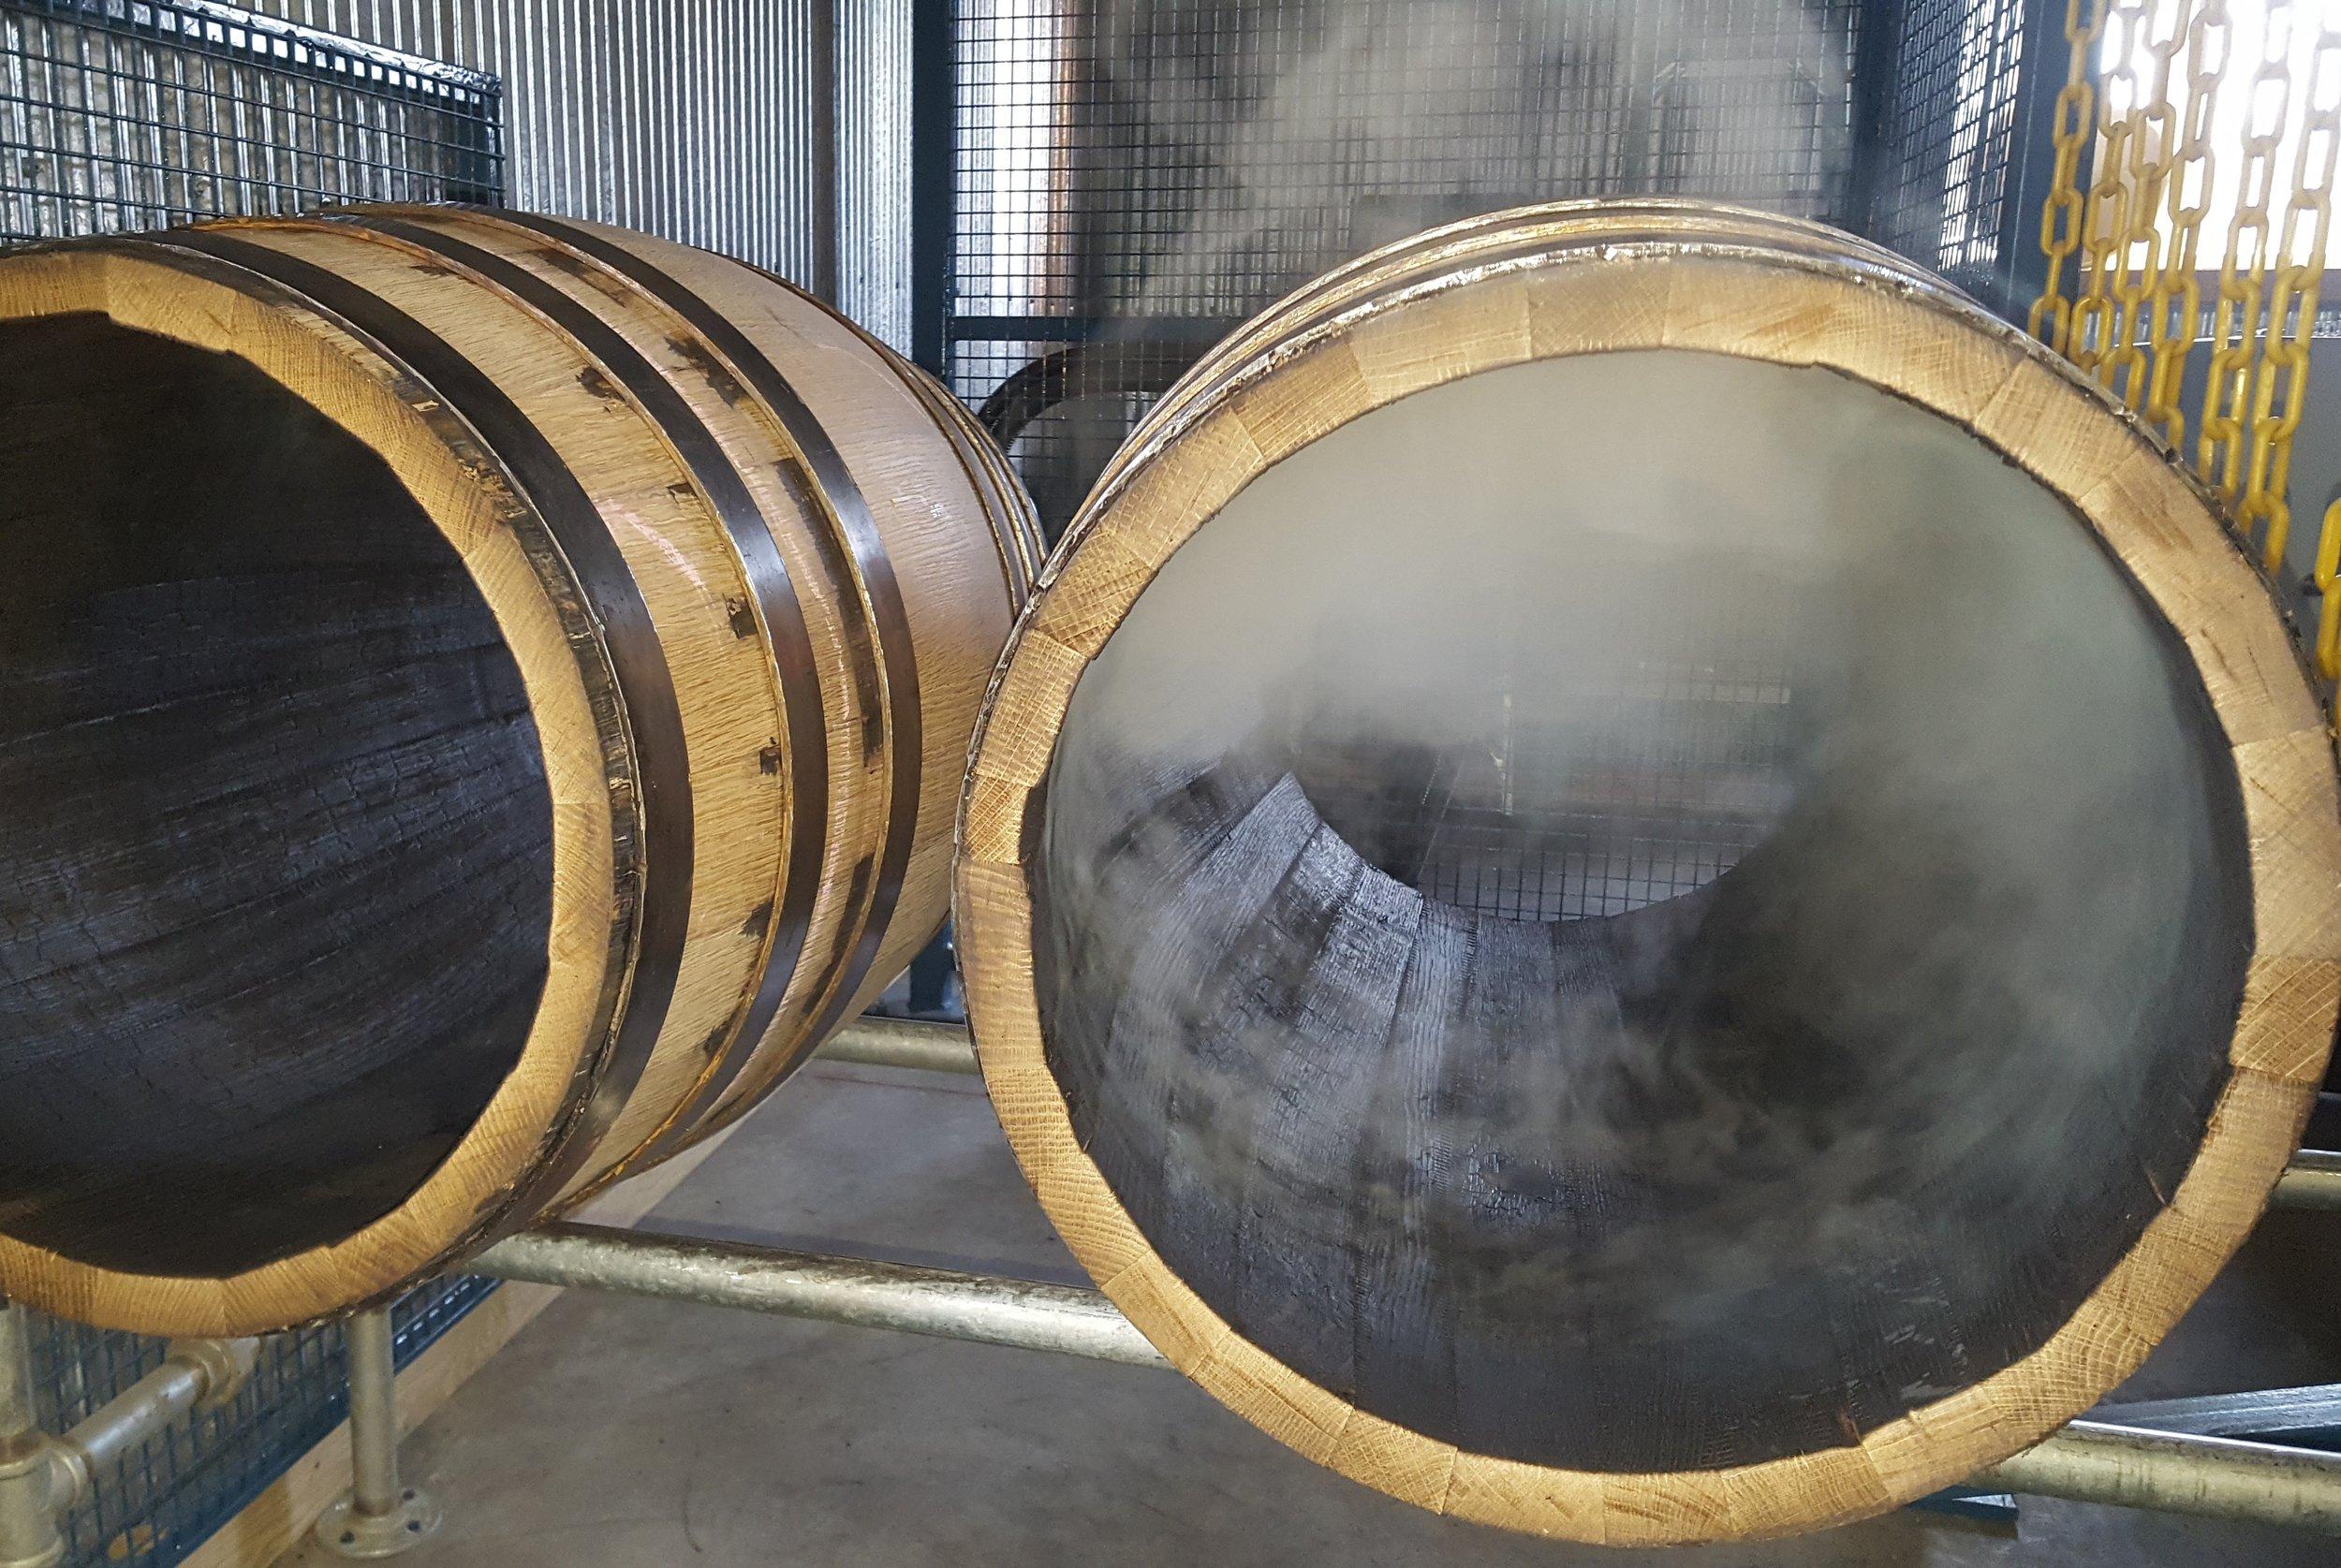 ADK Barrel Cooperage - Our Barrels - Charred Barrels.jpg